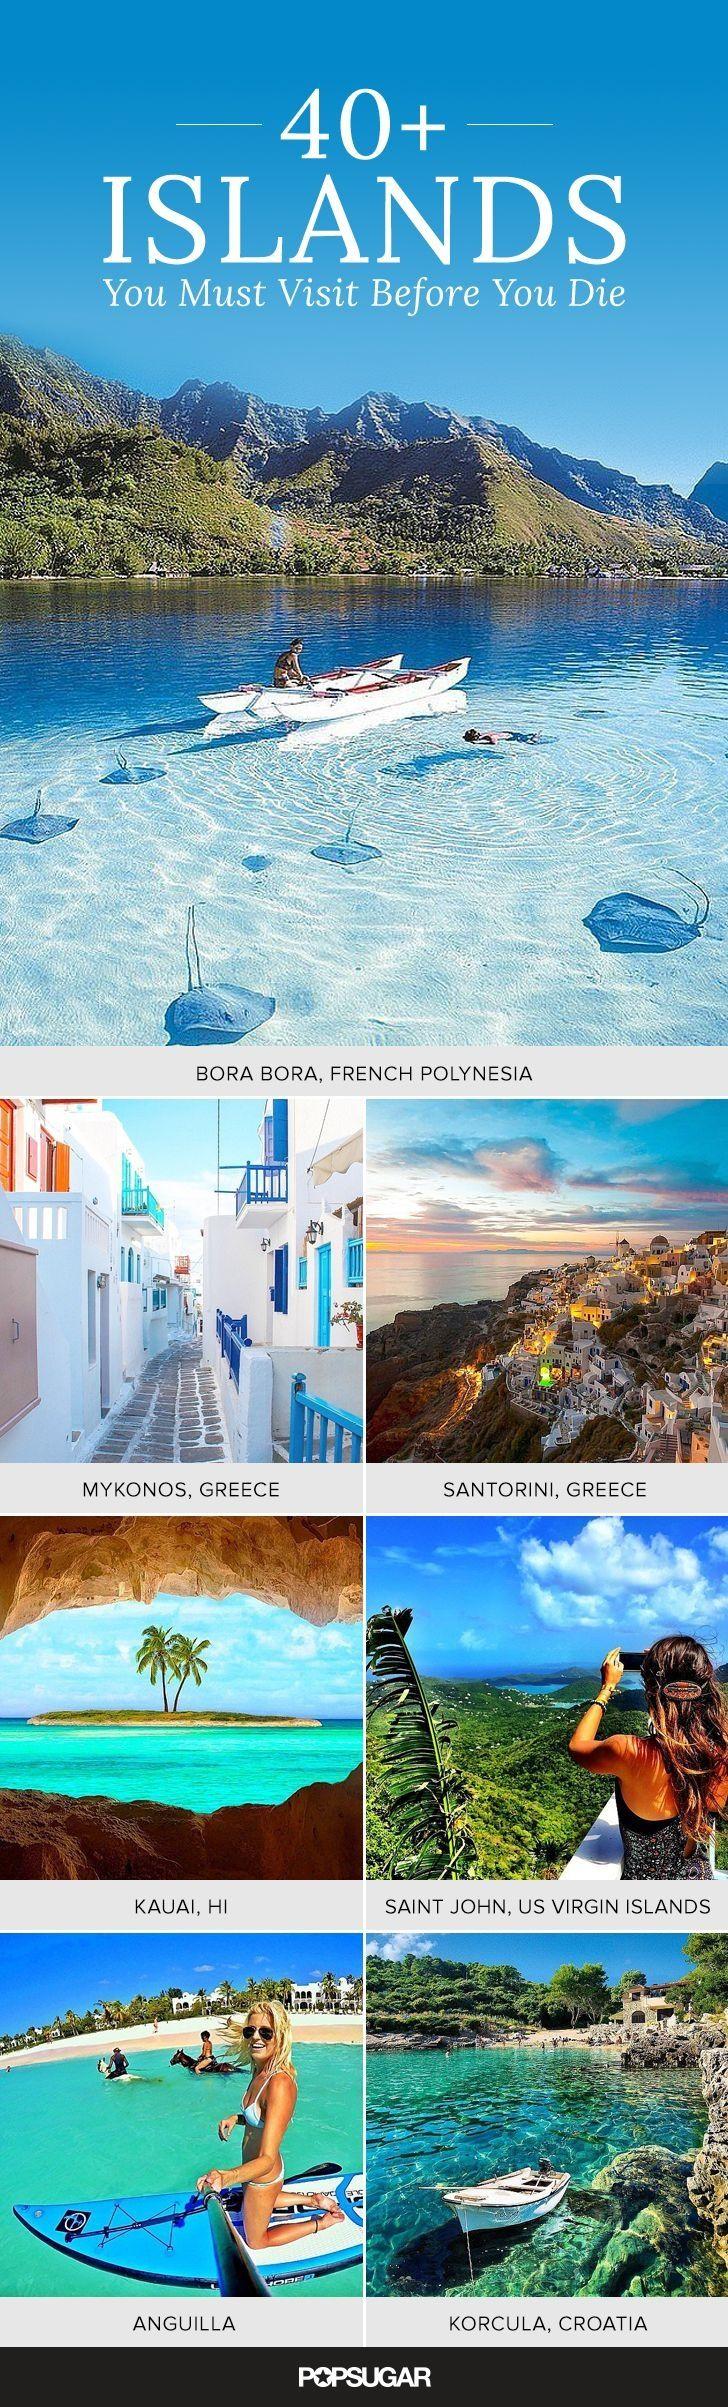 Yo quiero viajar cuando yo soy mayor. Estos islas son perfectos.